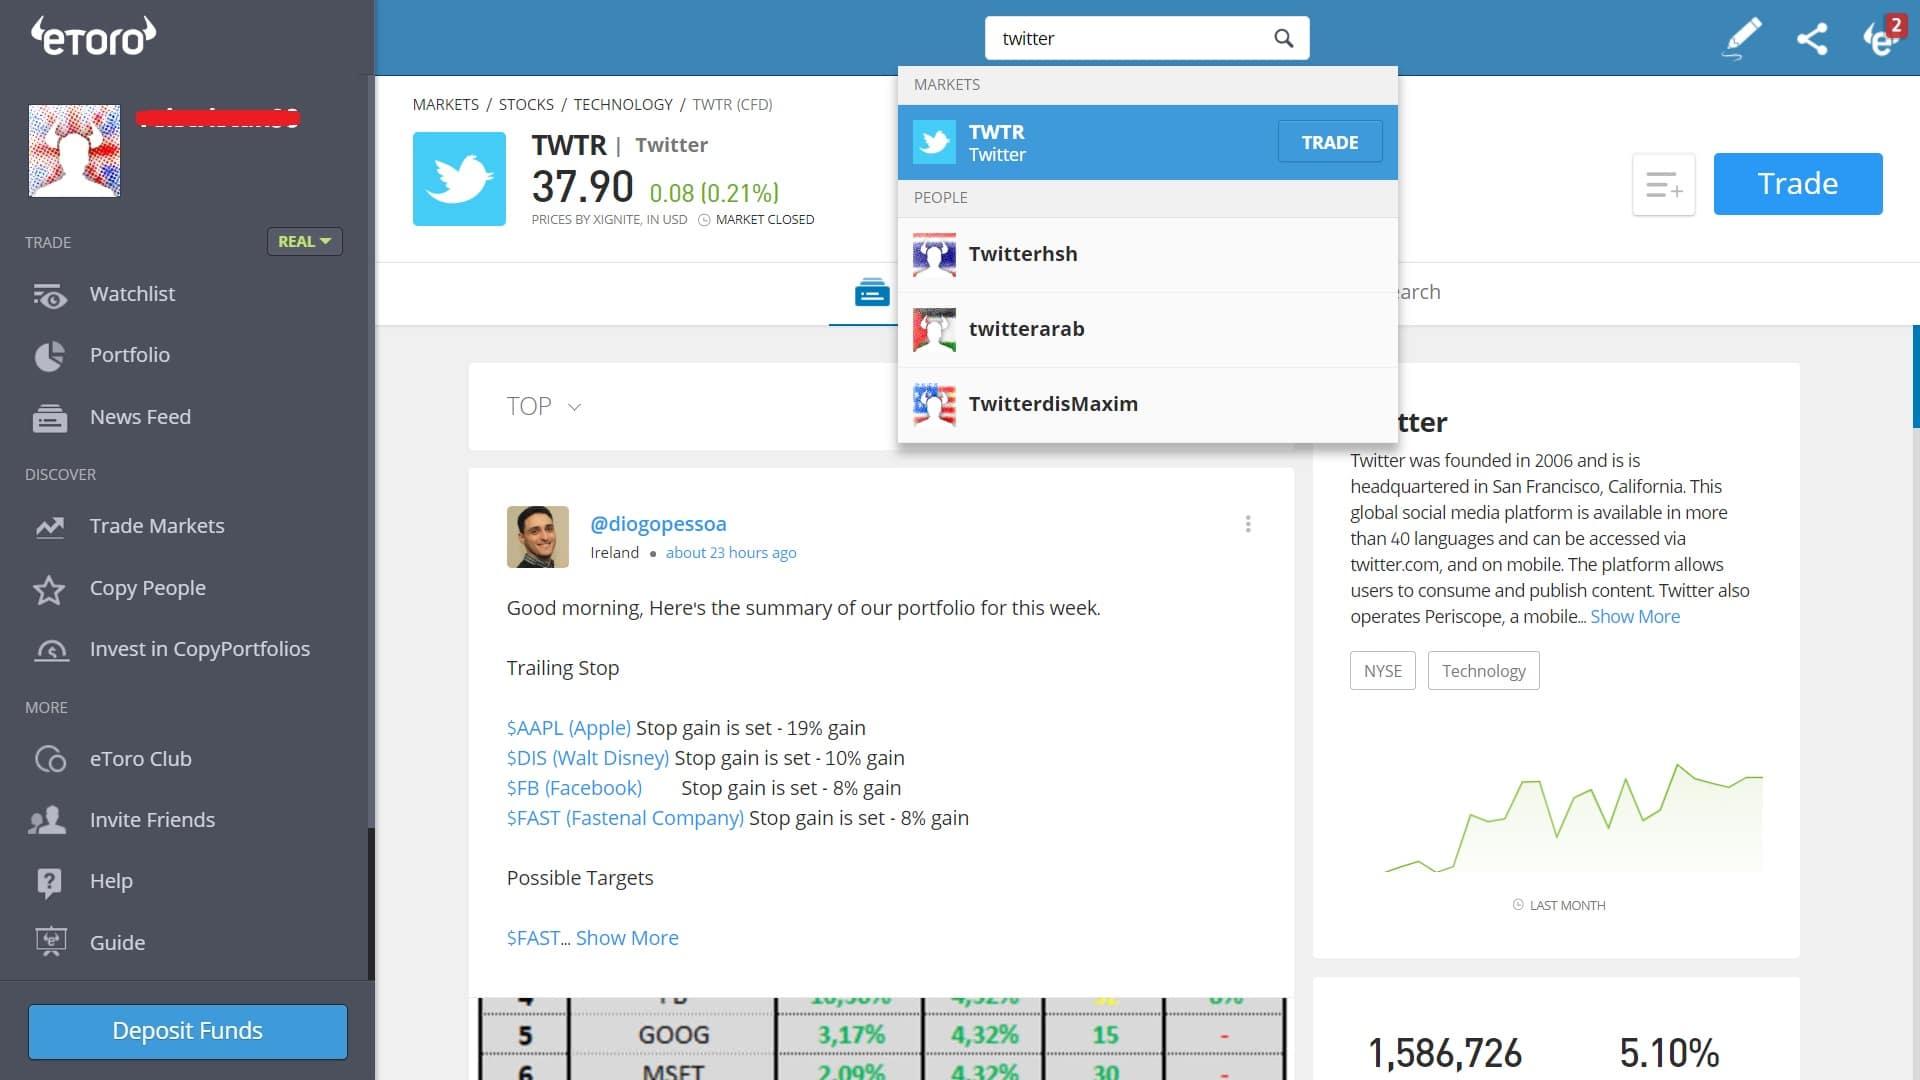 Searching for Twitter stock on eToro's platform